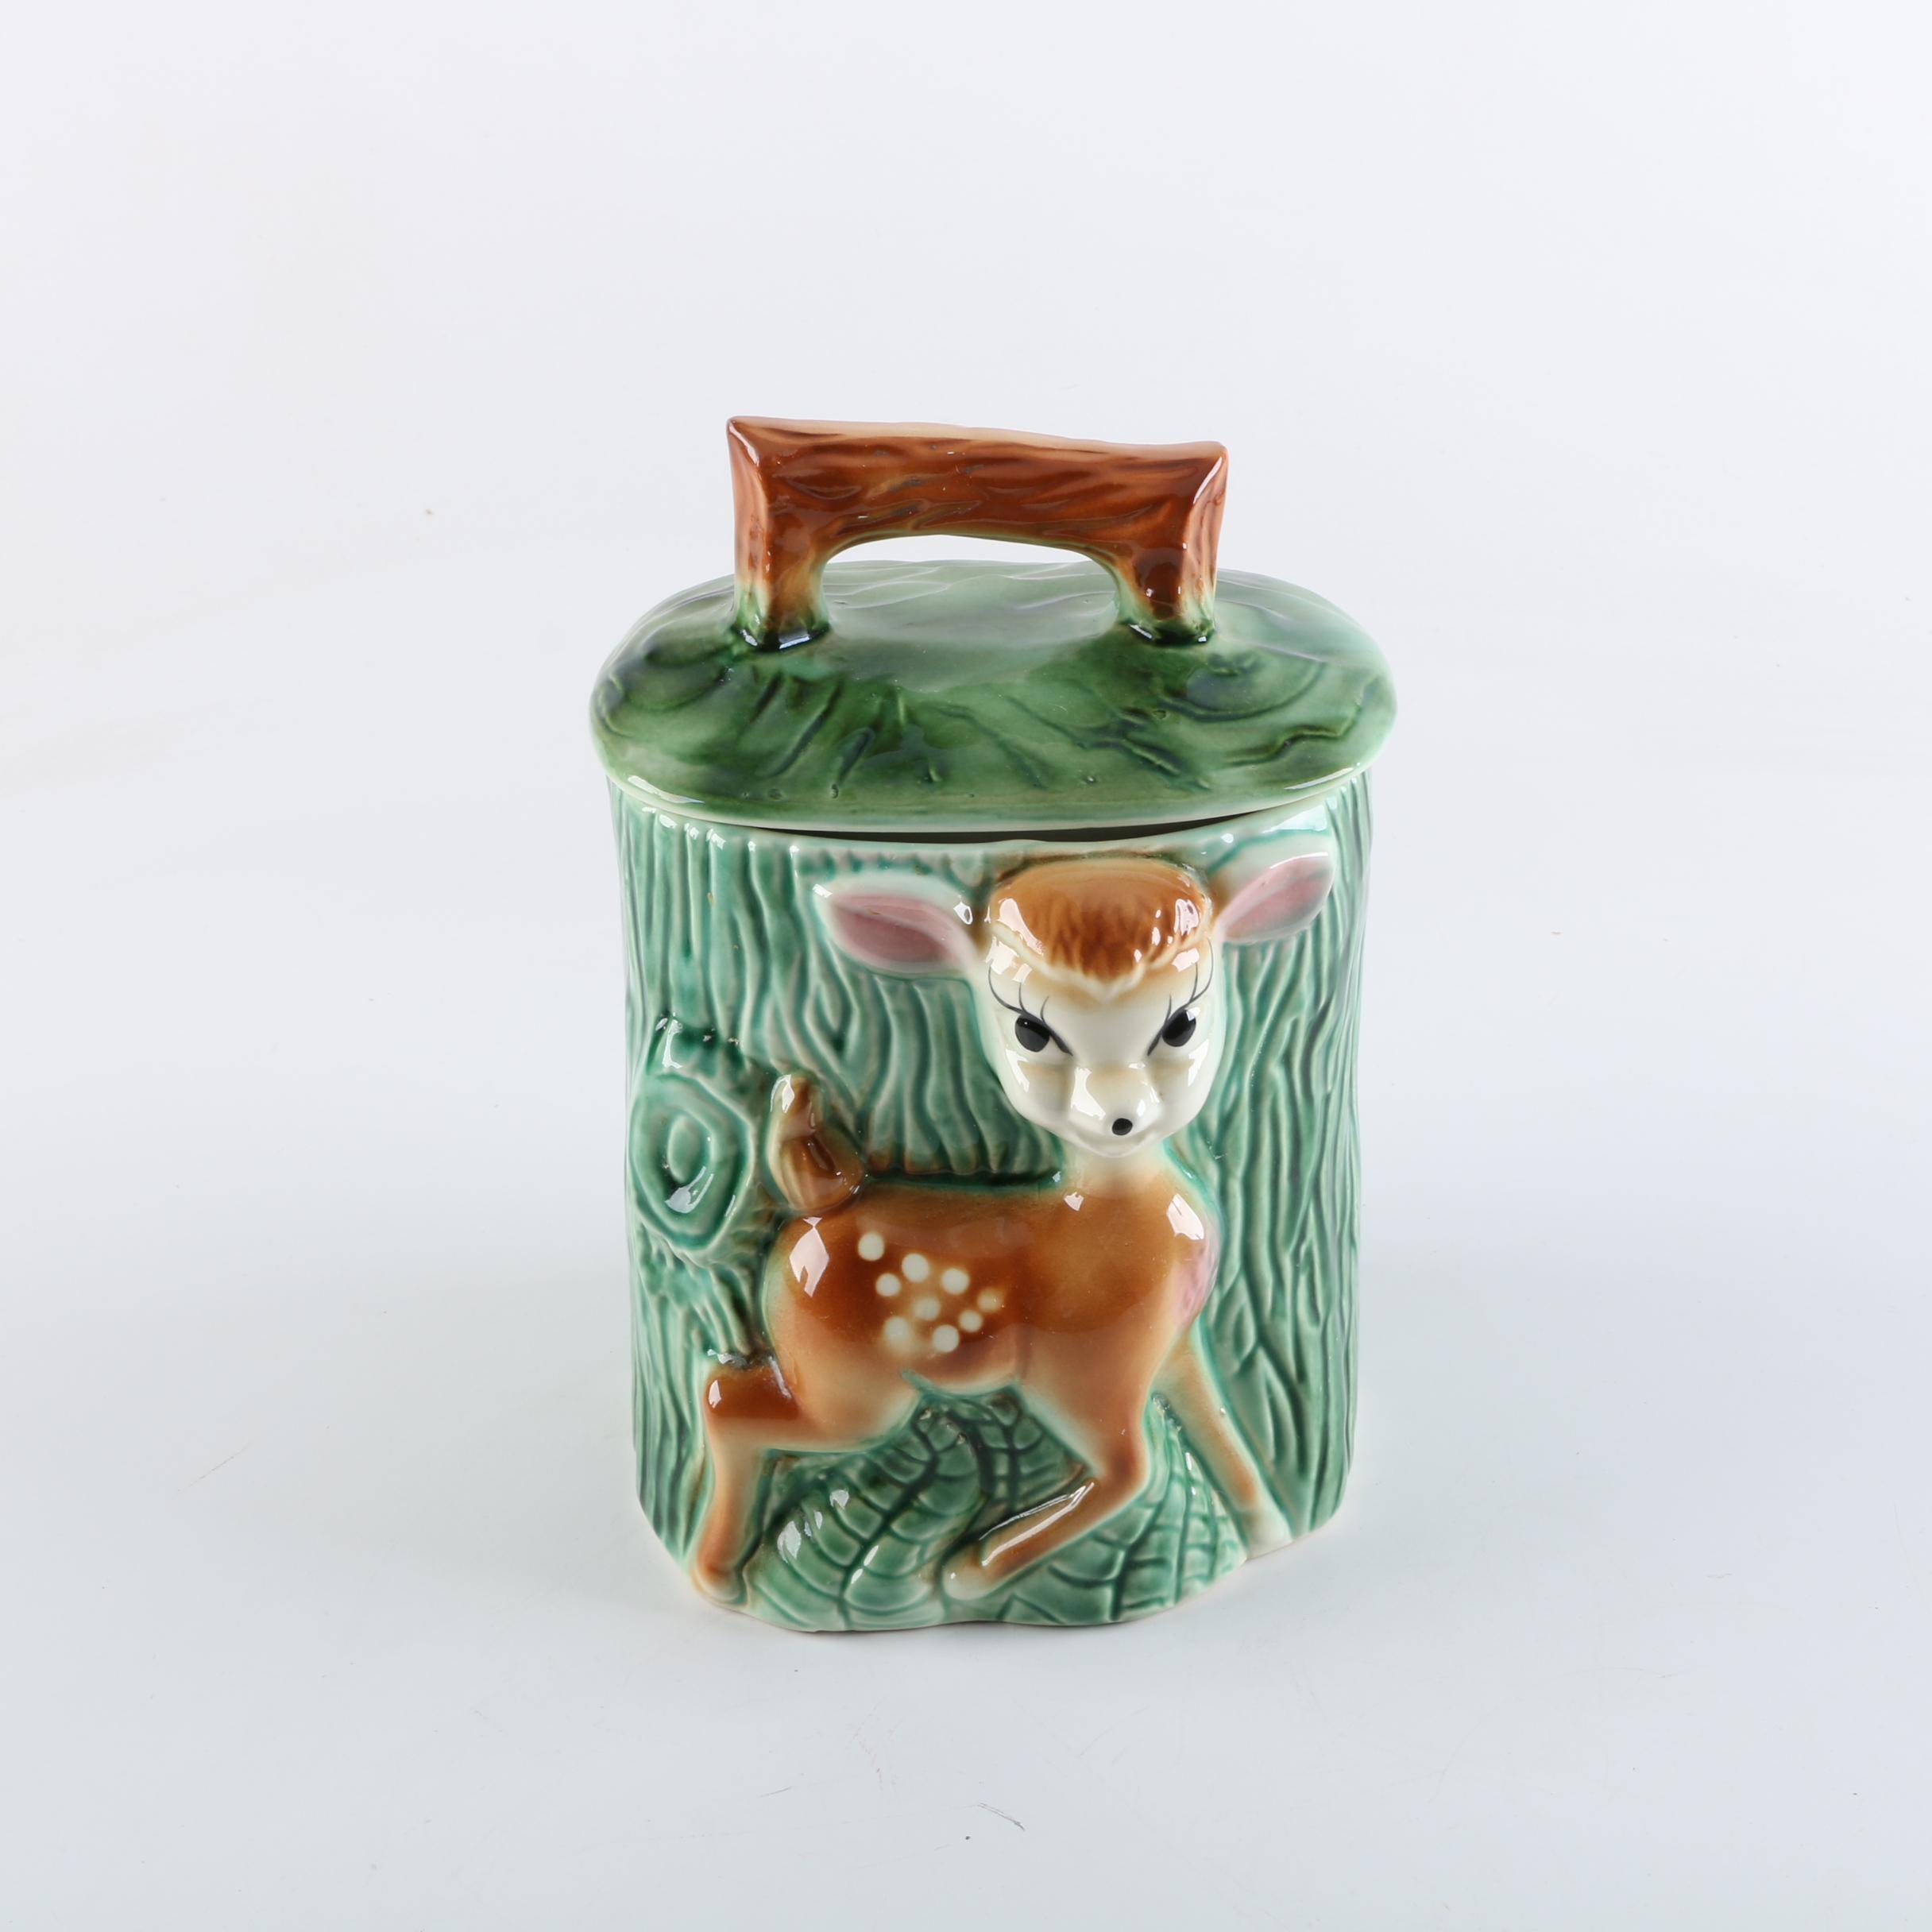 Vintage American Bisque Fawn Ceramic Cookie Jar